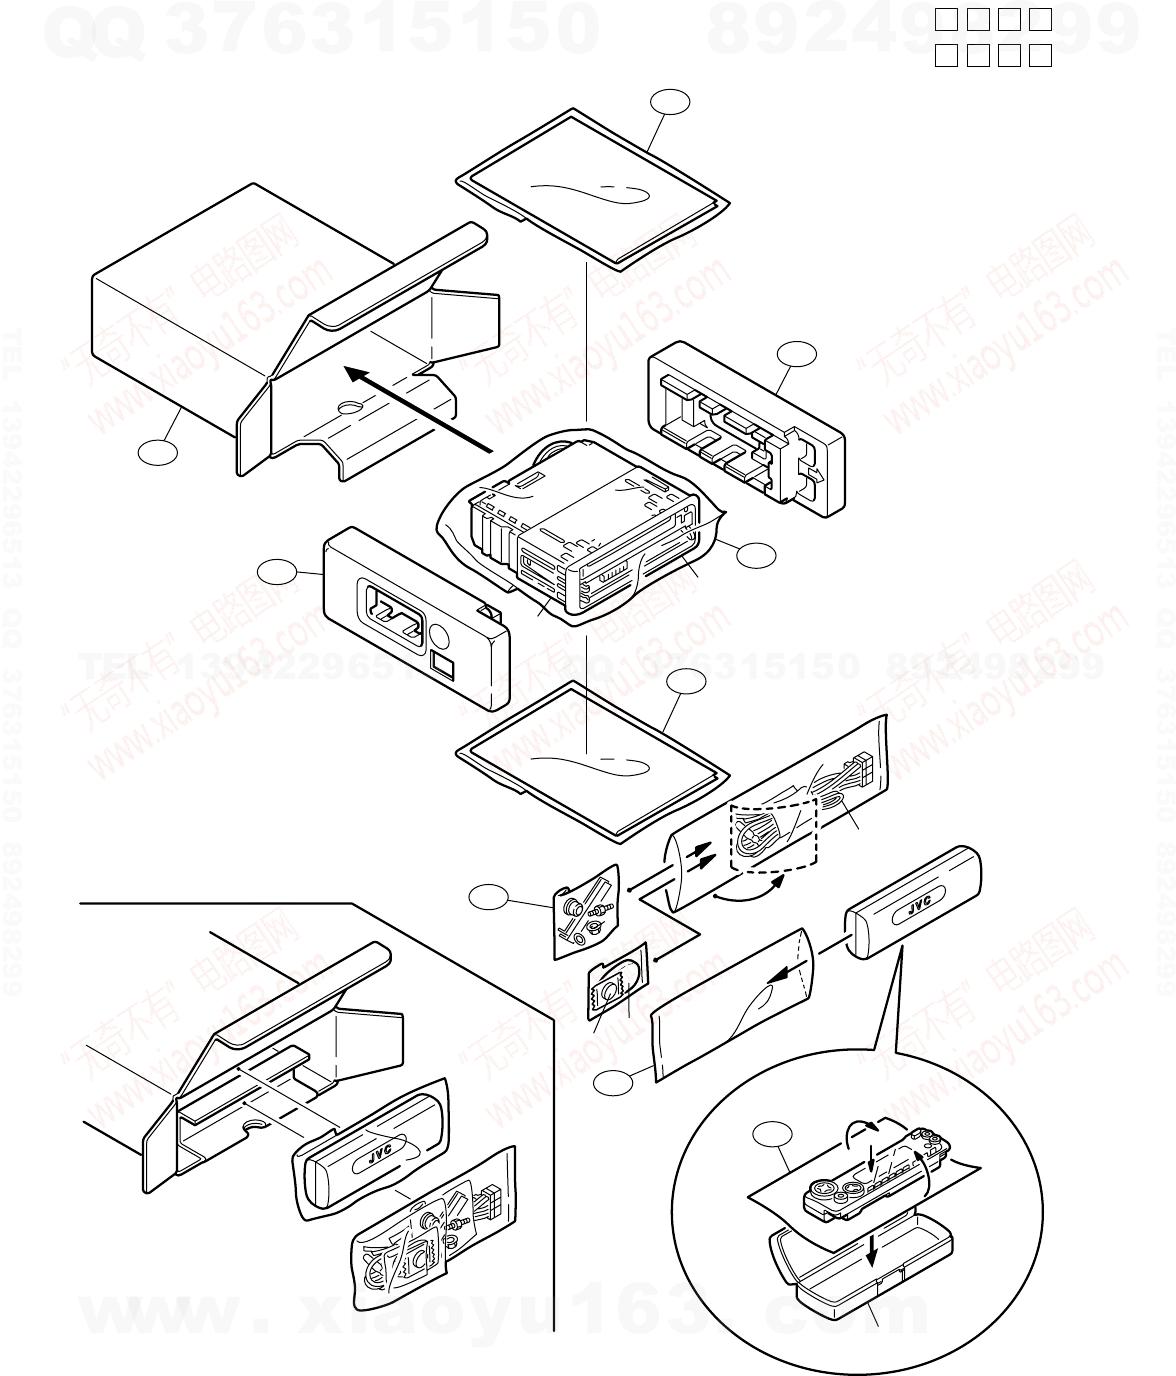 Jvc Kd S37 Wiring Diagram Diagramjvc Basekd Sx992r 2013071221